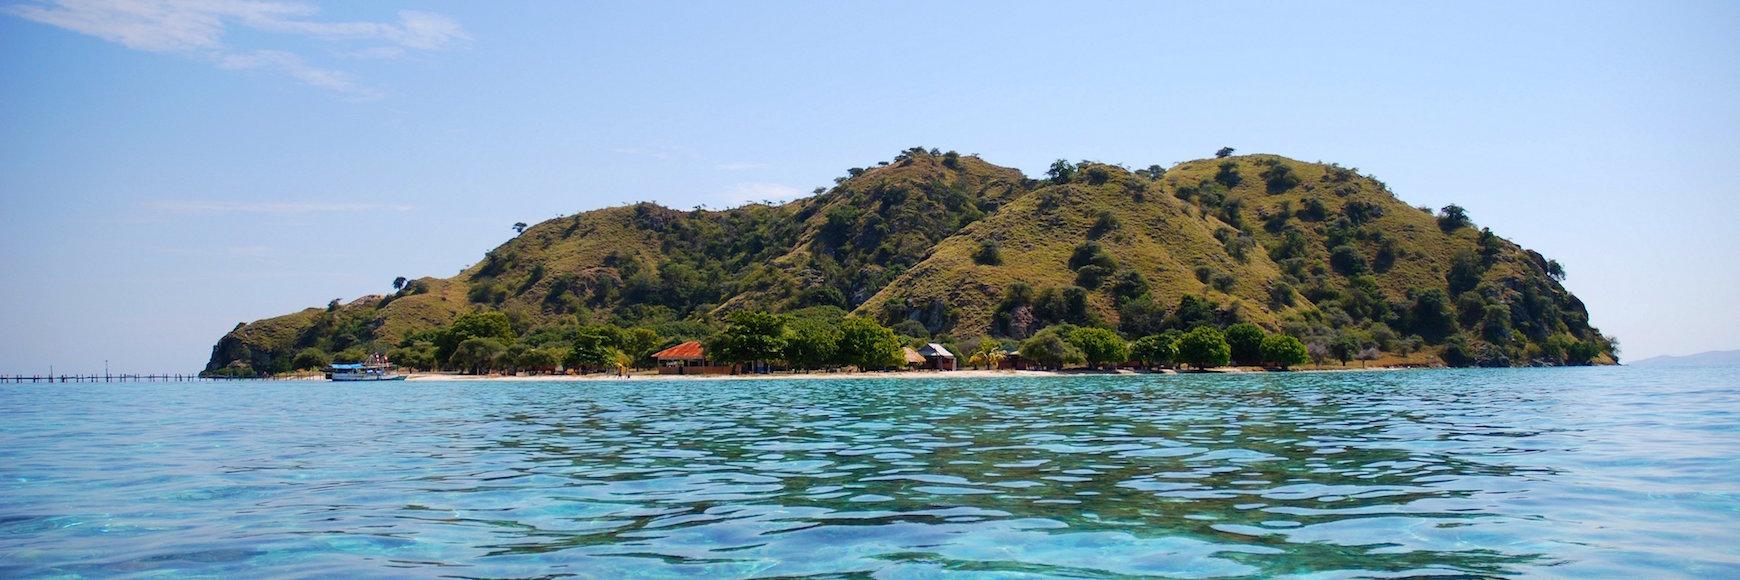 Segelboote mieten Indonesien